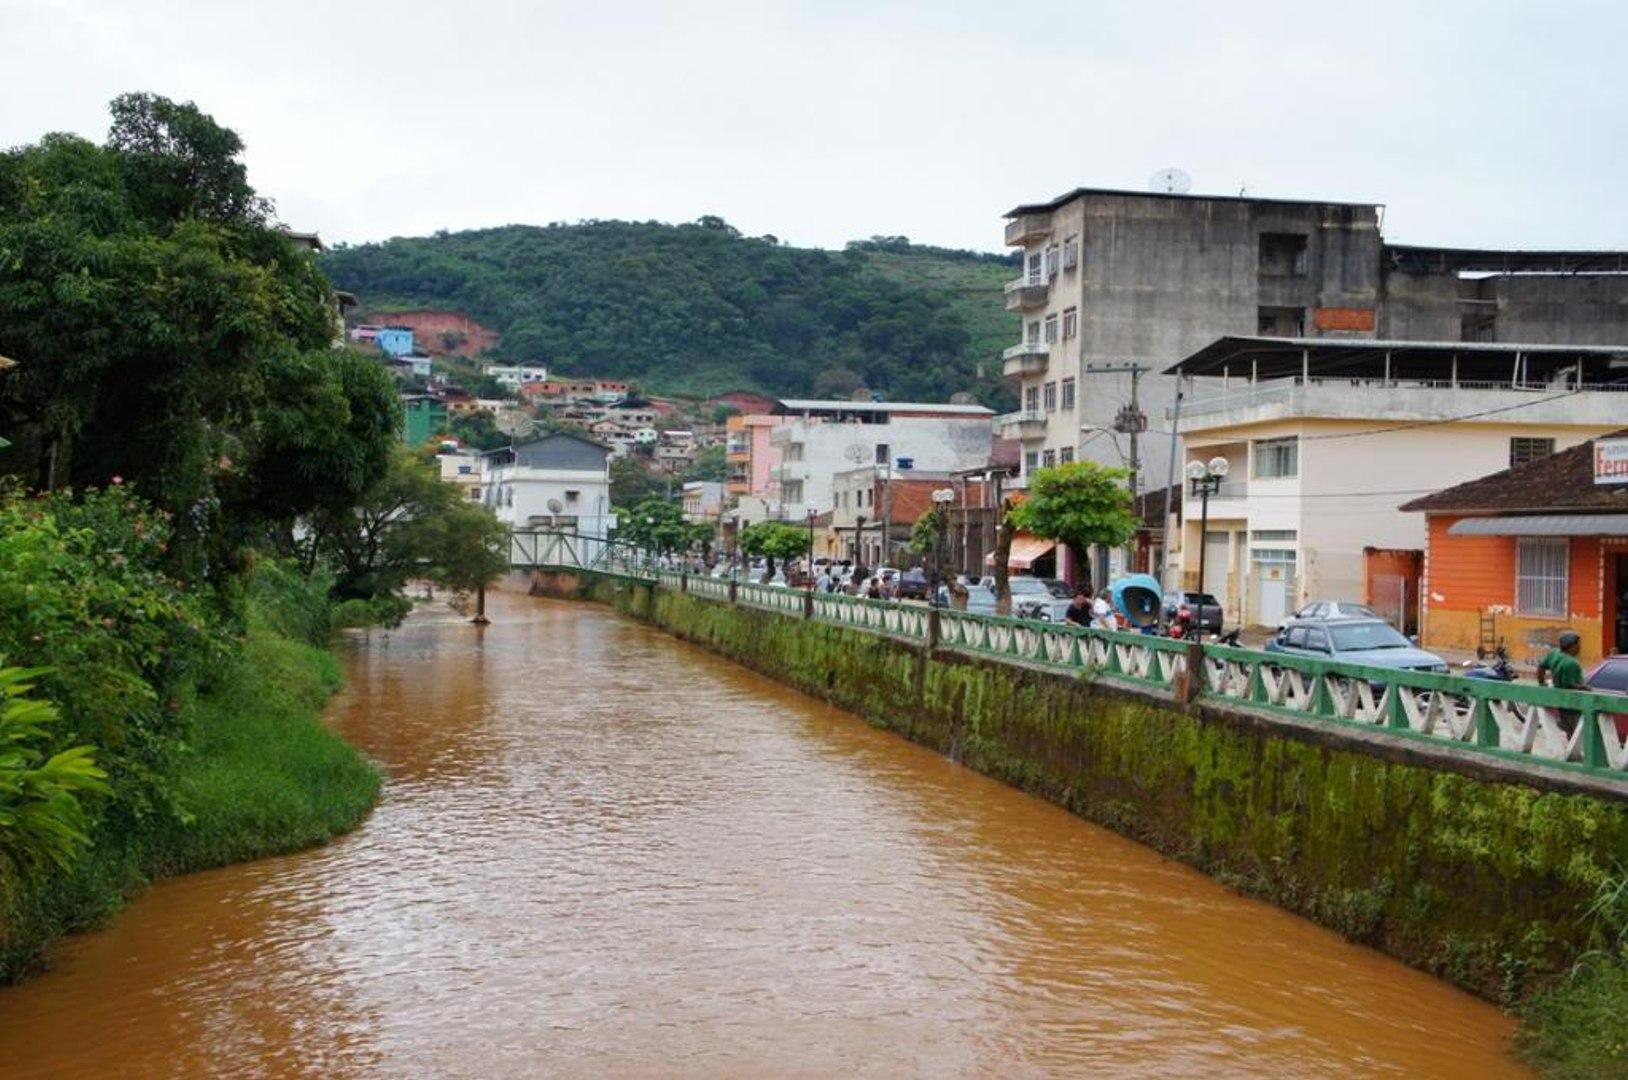 Abre Campo - Minas Gerais